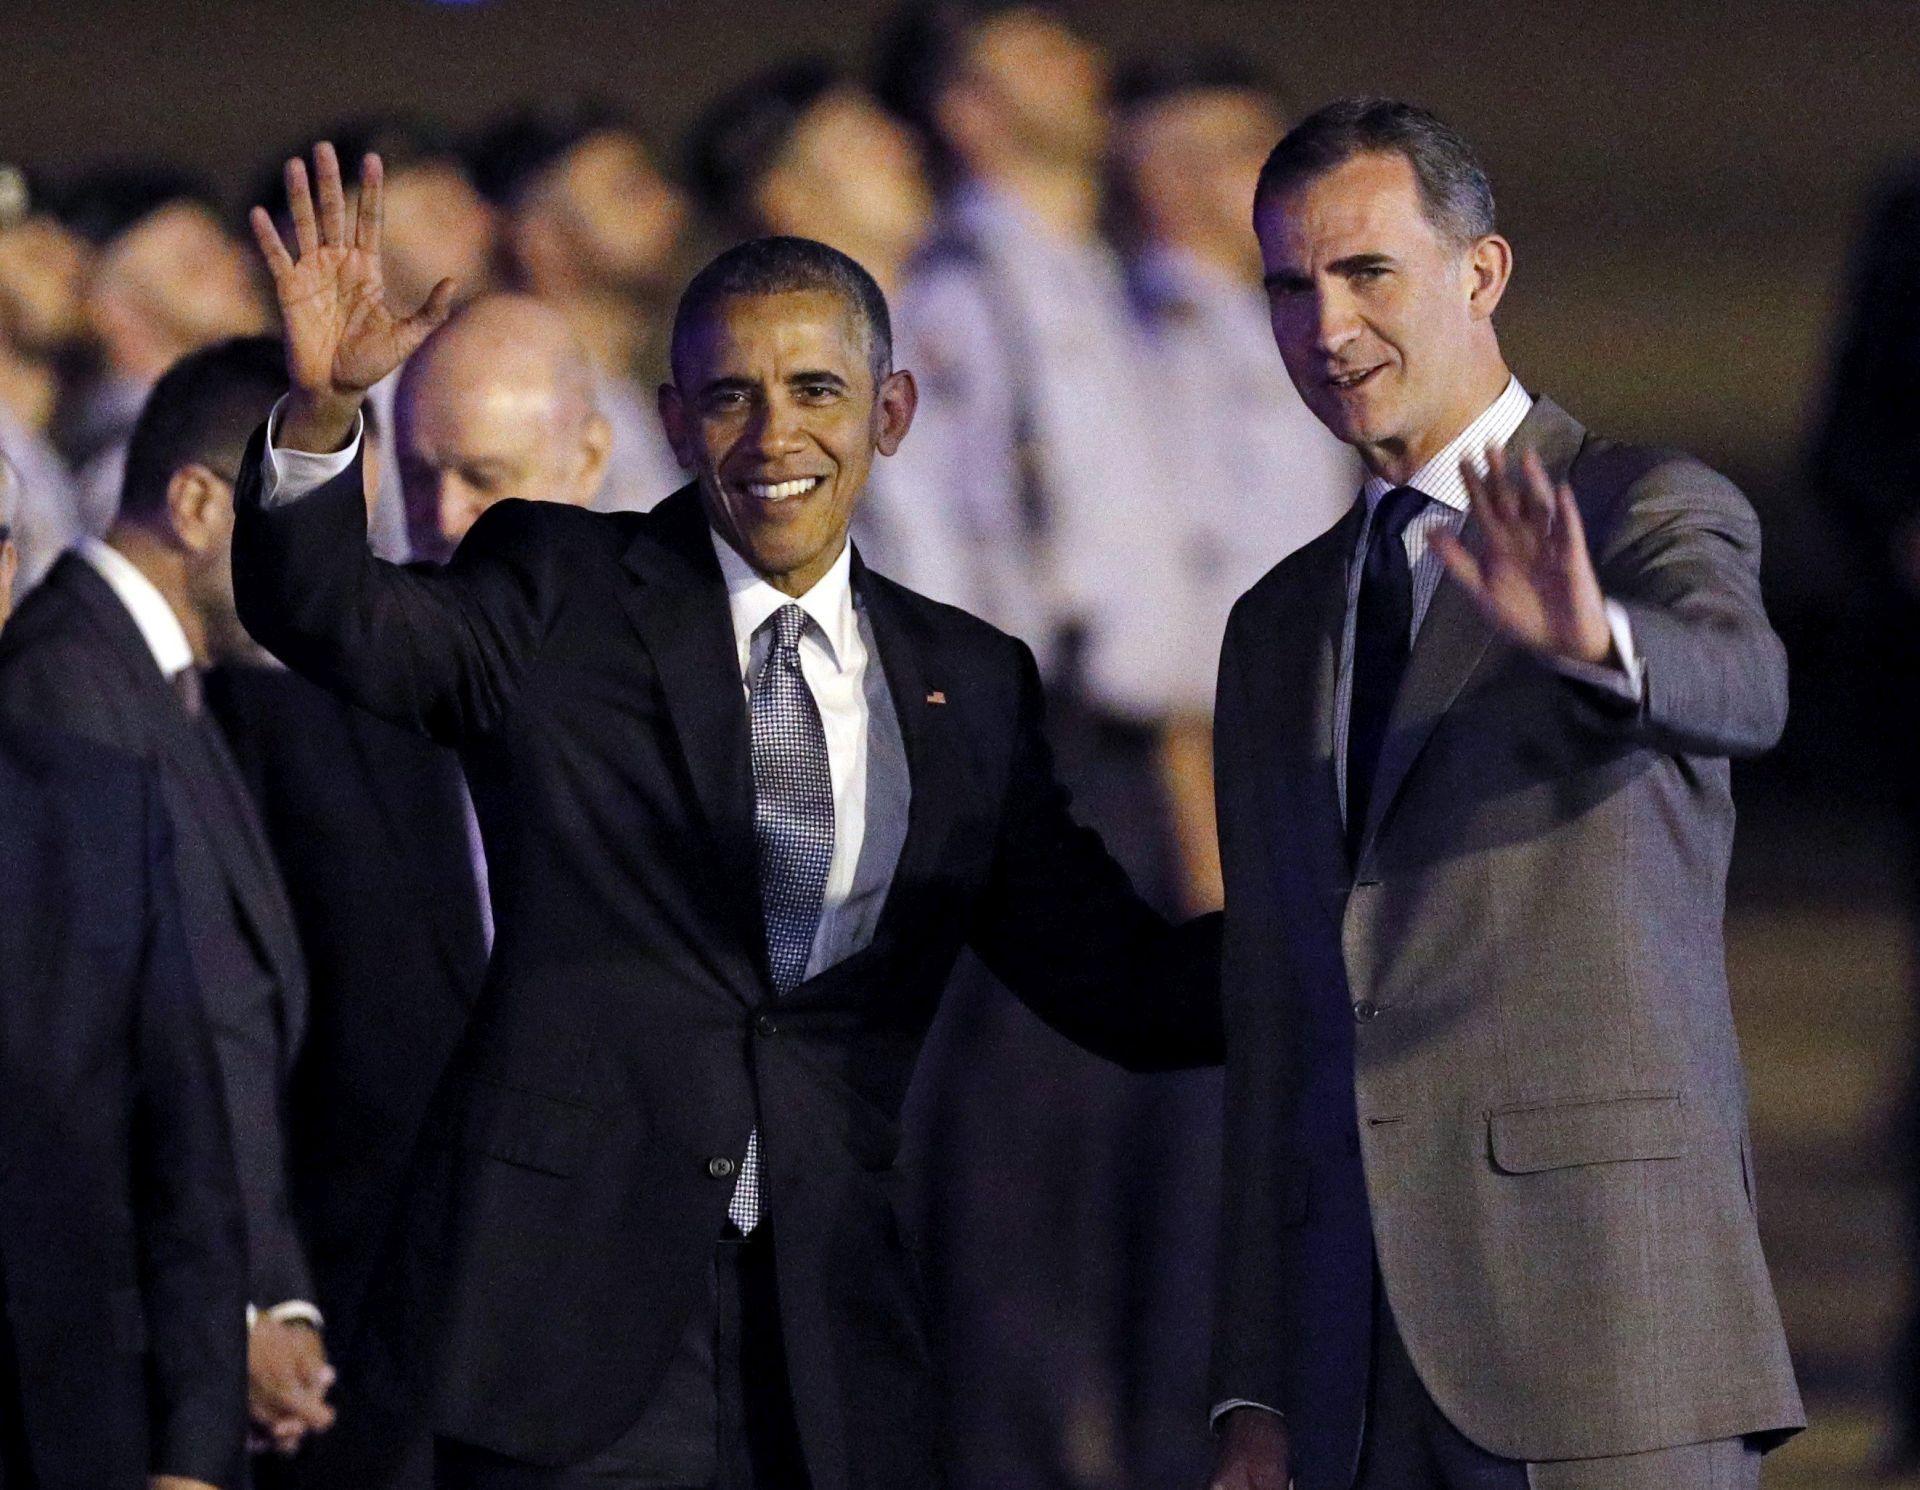 RASISTIČKO NASILJE: Obama kaže da napadi na policiju štete aktivistima